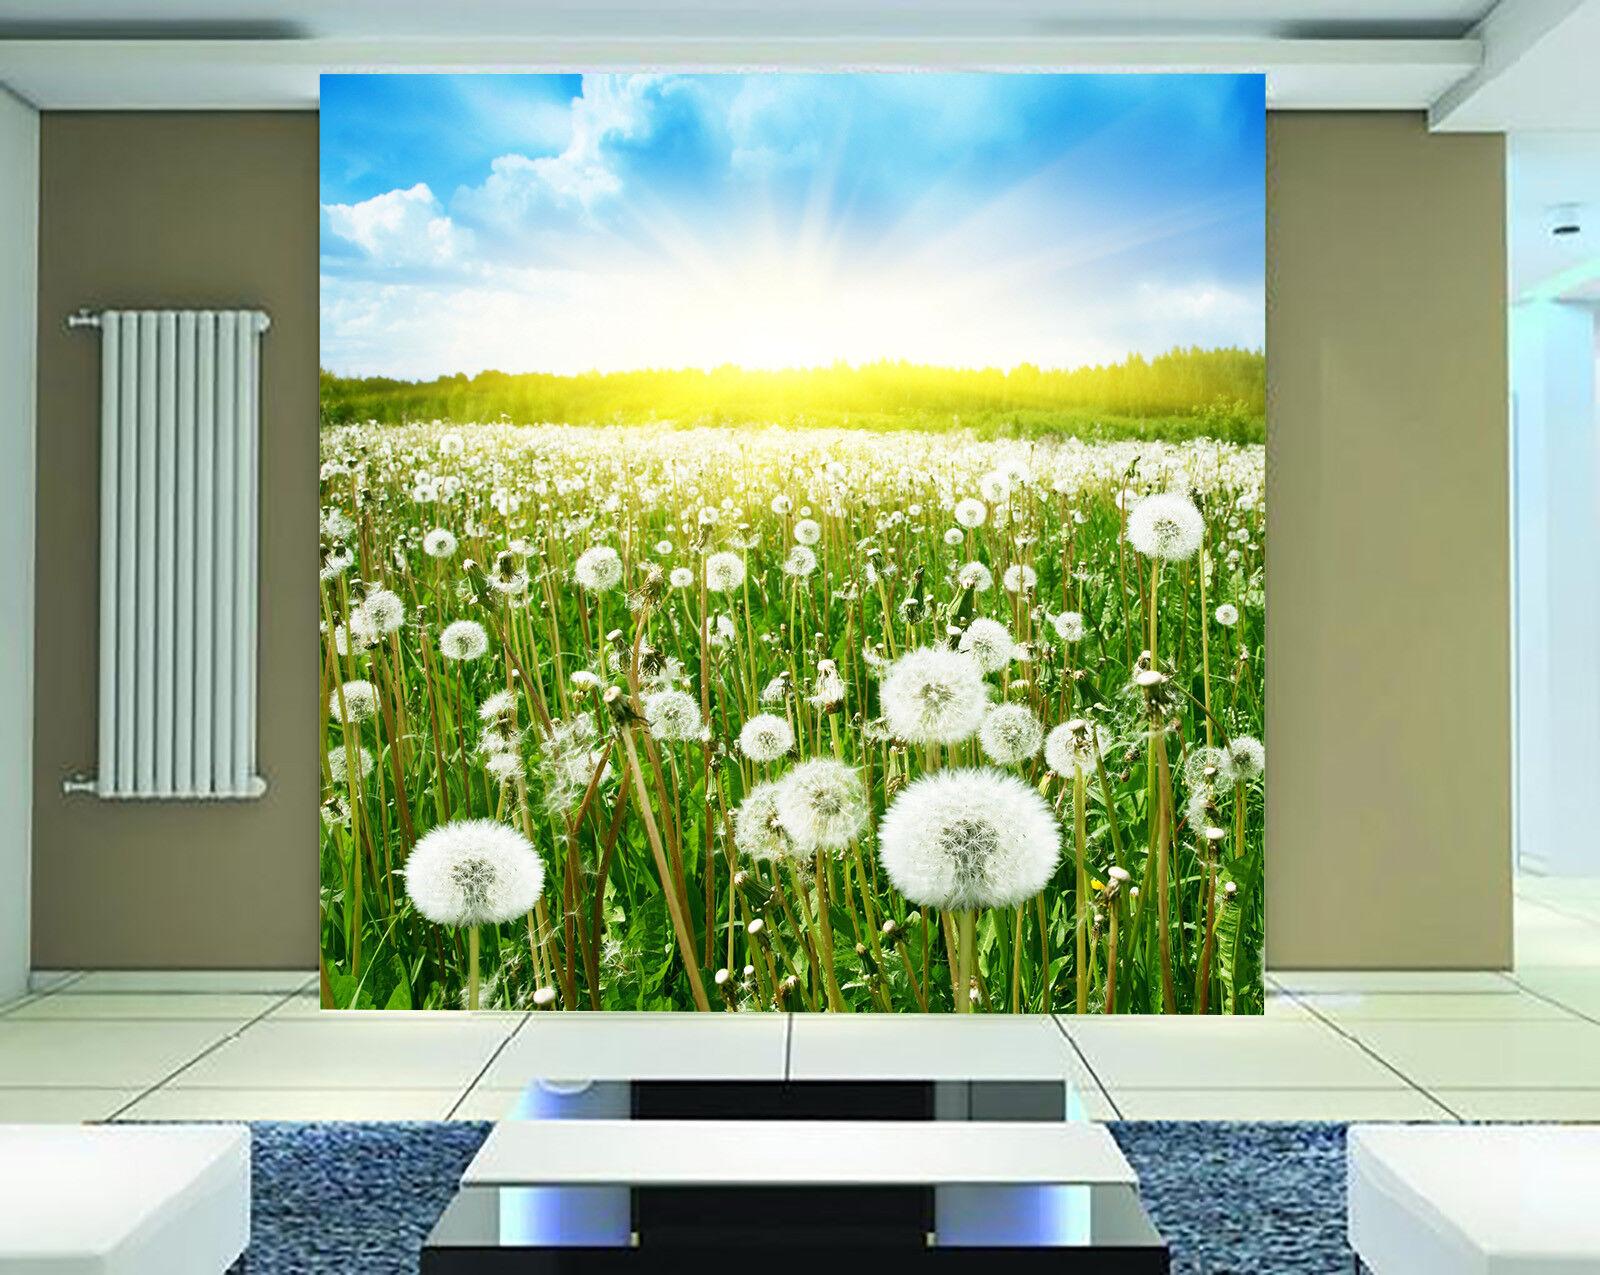 3D Löwenzahn Himmel 8983 Tapete Wandgemälde Tapeten Bild Familie DE Jenny  | Auf Verkauf  | Bestellung willkommen  | Ein Gleichgewicht zwischen Zähigkeit und Härte